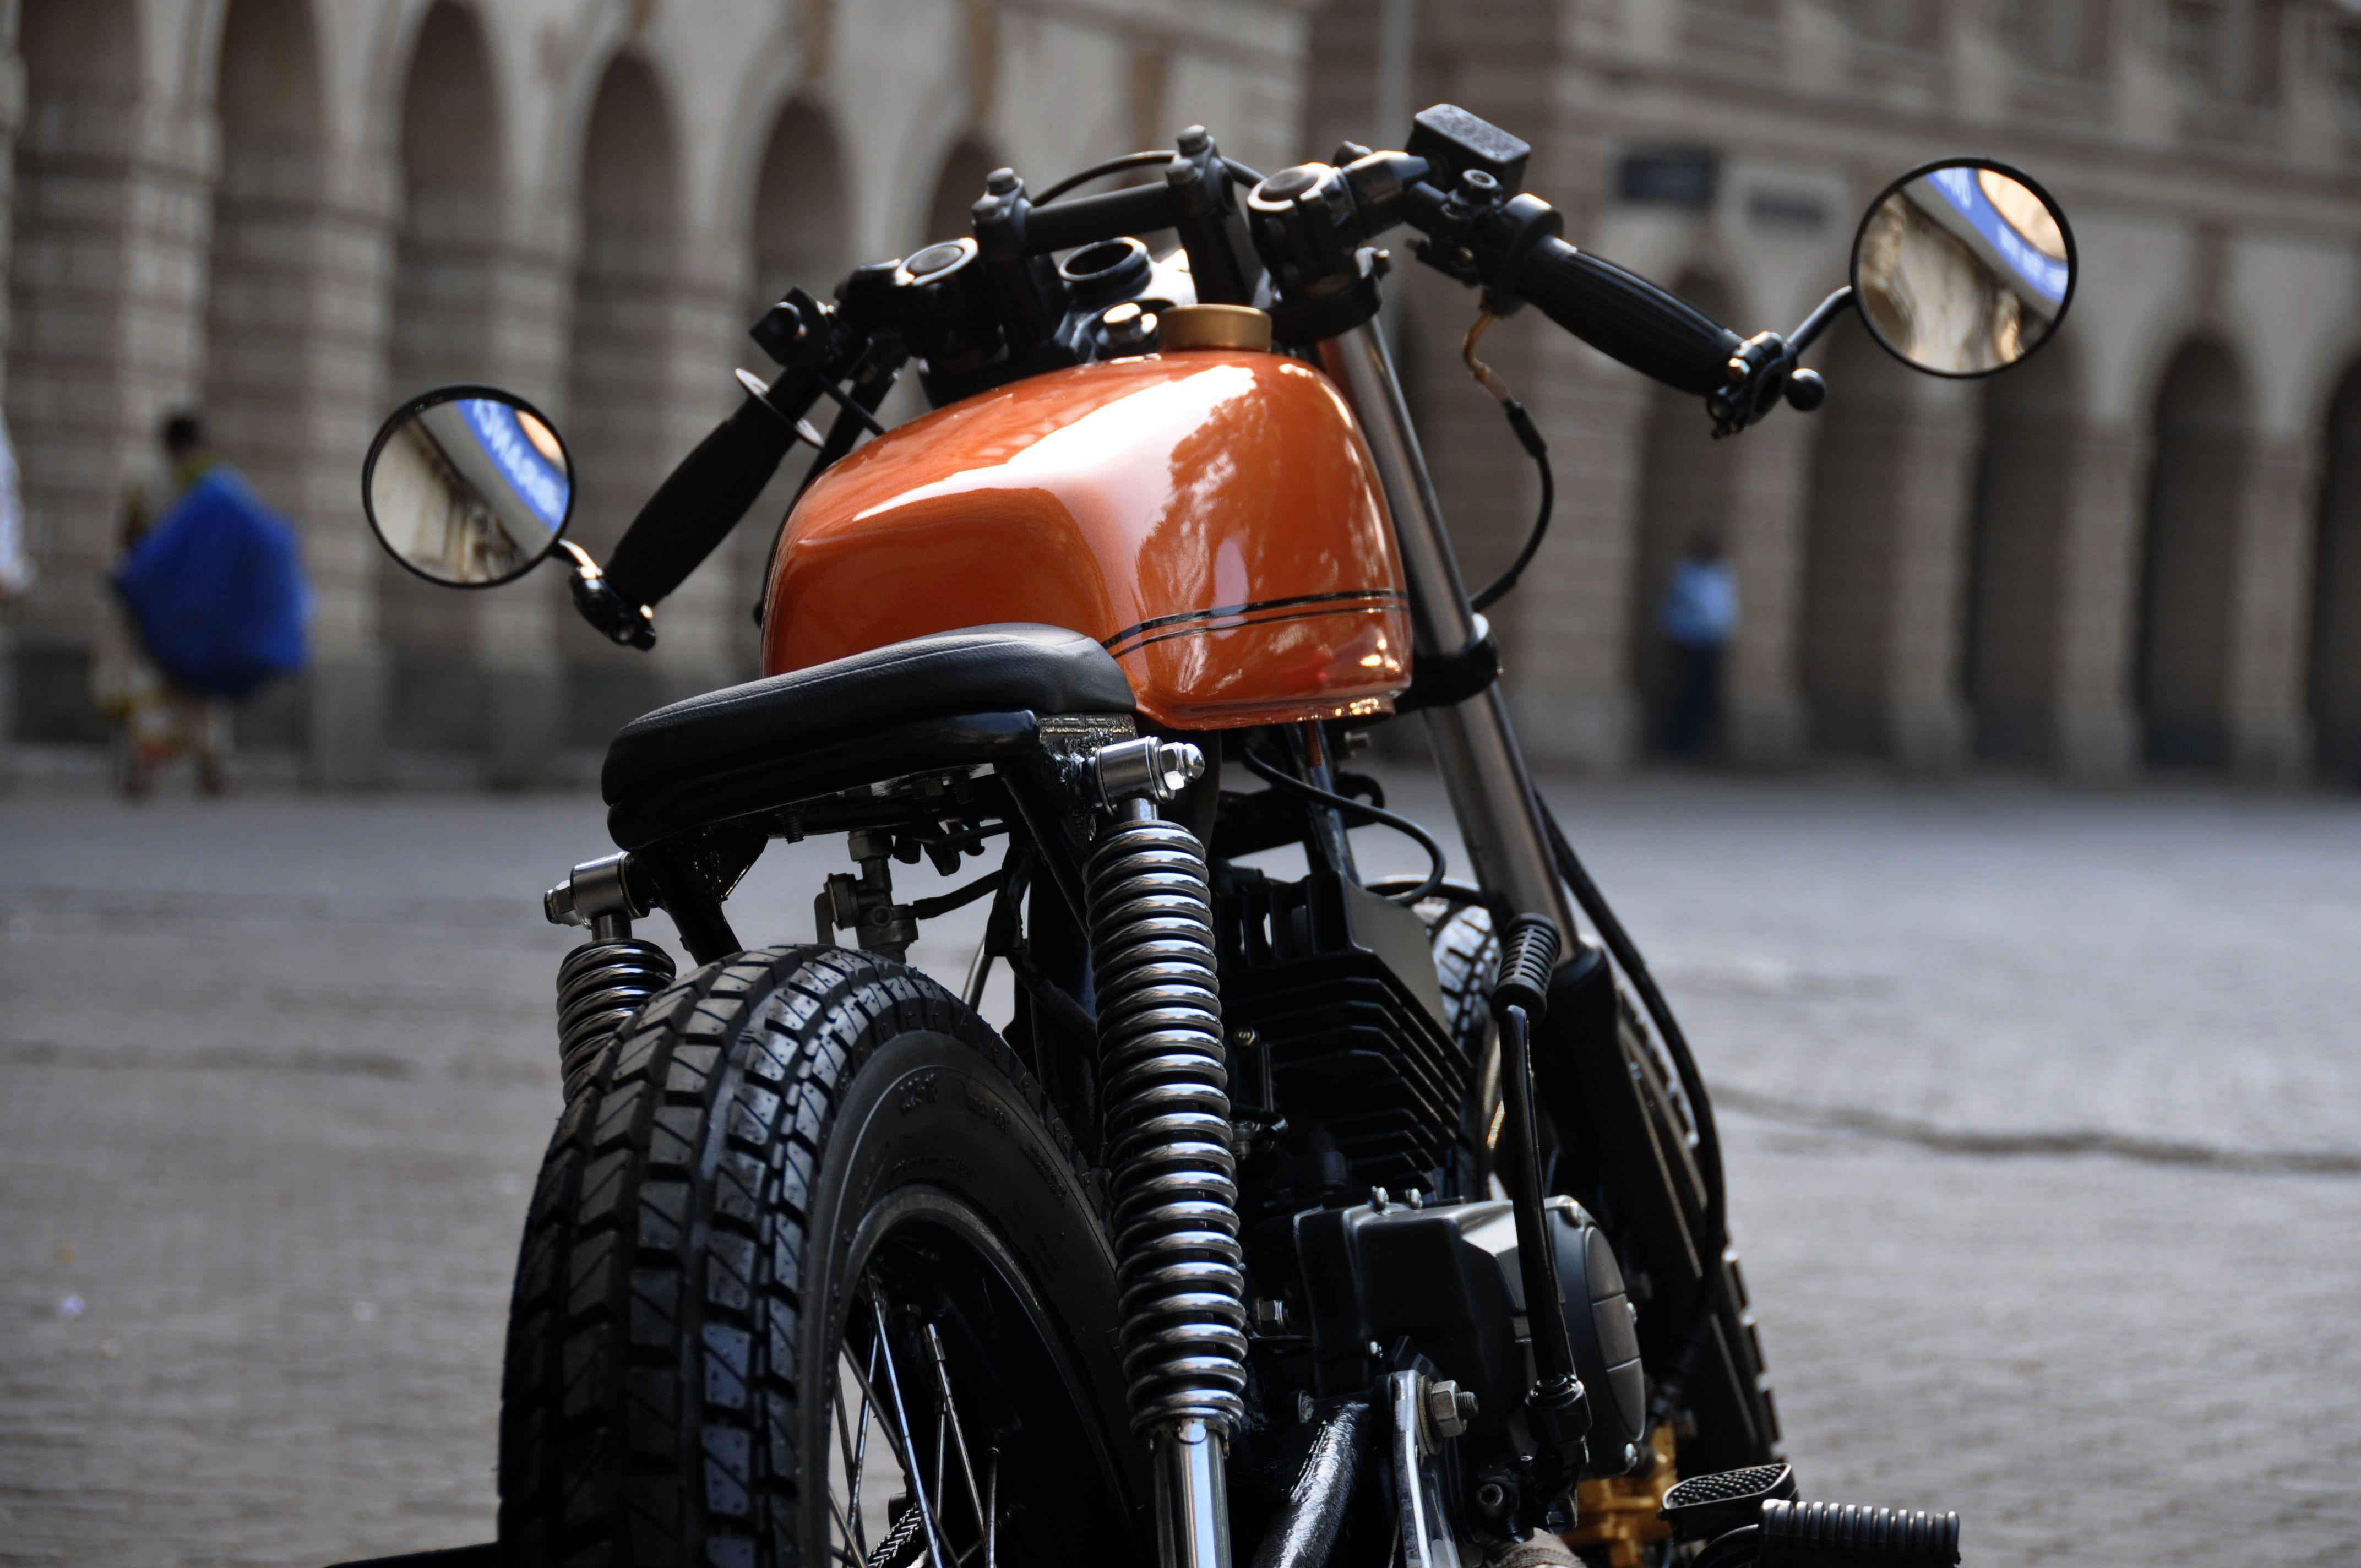 Yamaha motorcycle gloves india -  Yamaha Cafe Racer Basic India Bombay Mumbai Custombikes